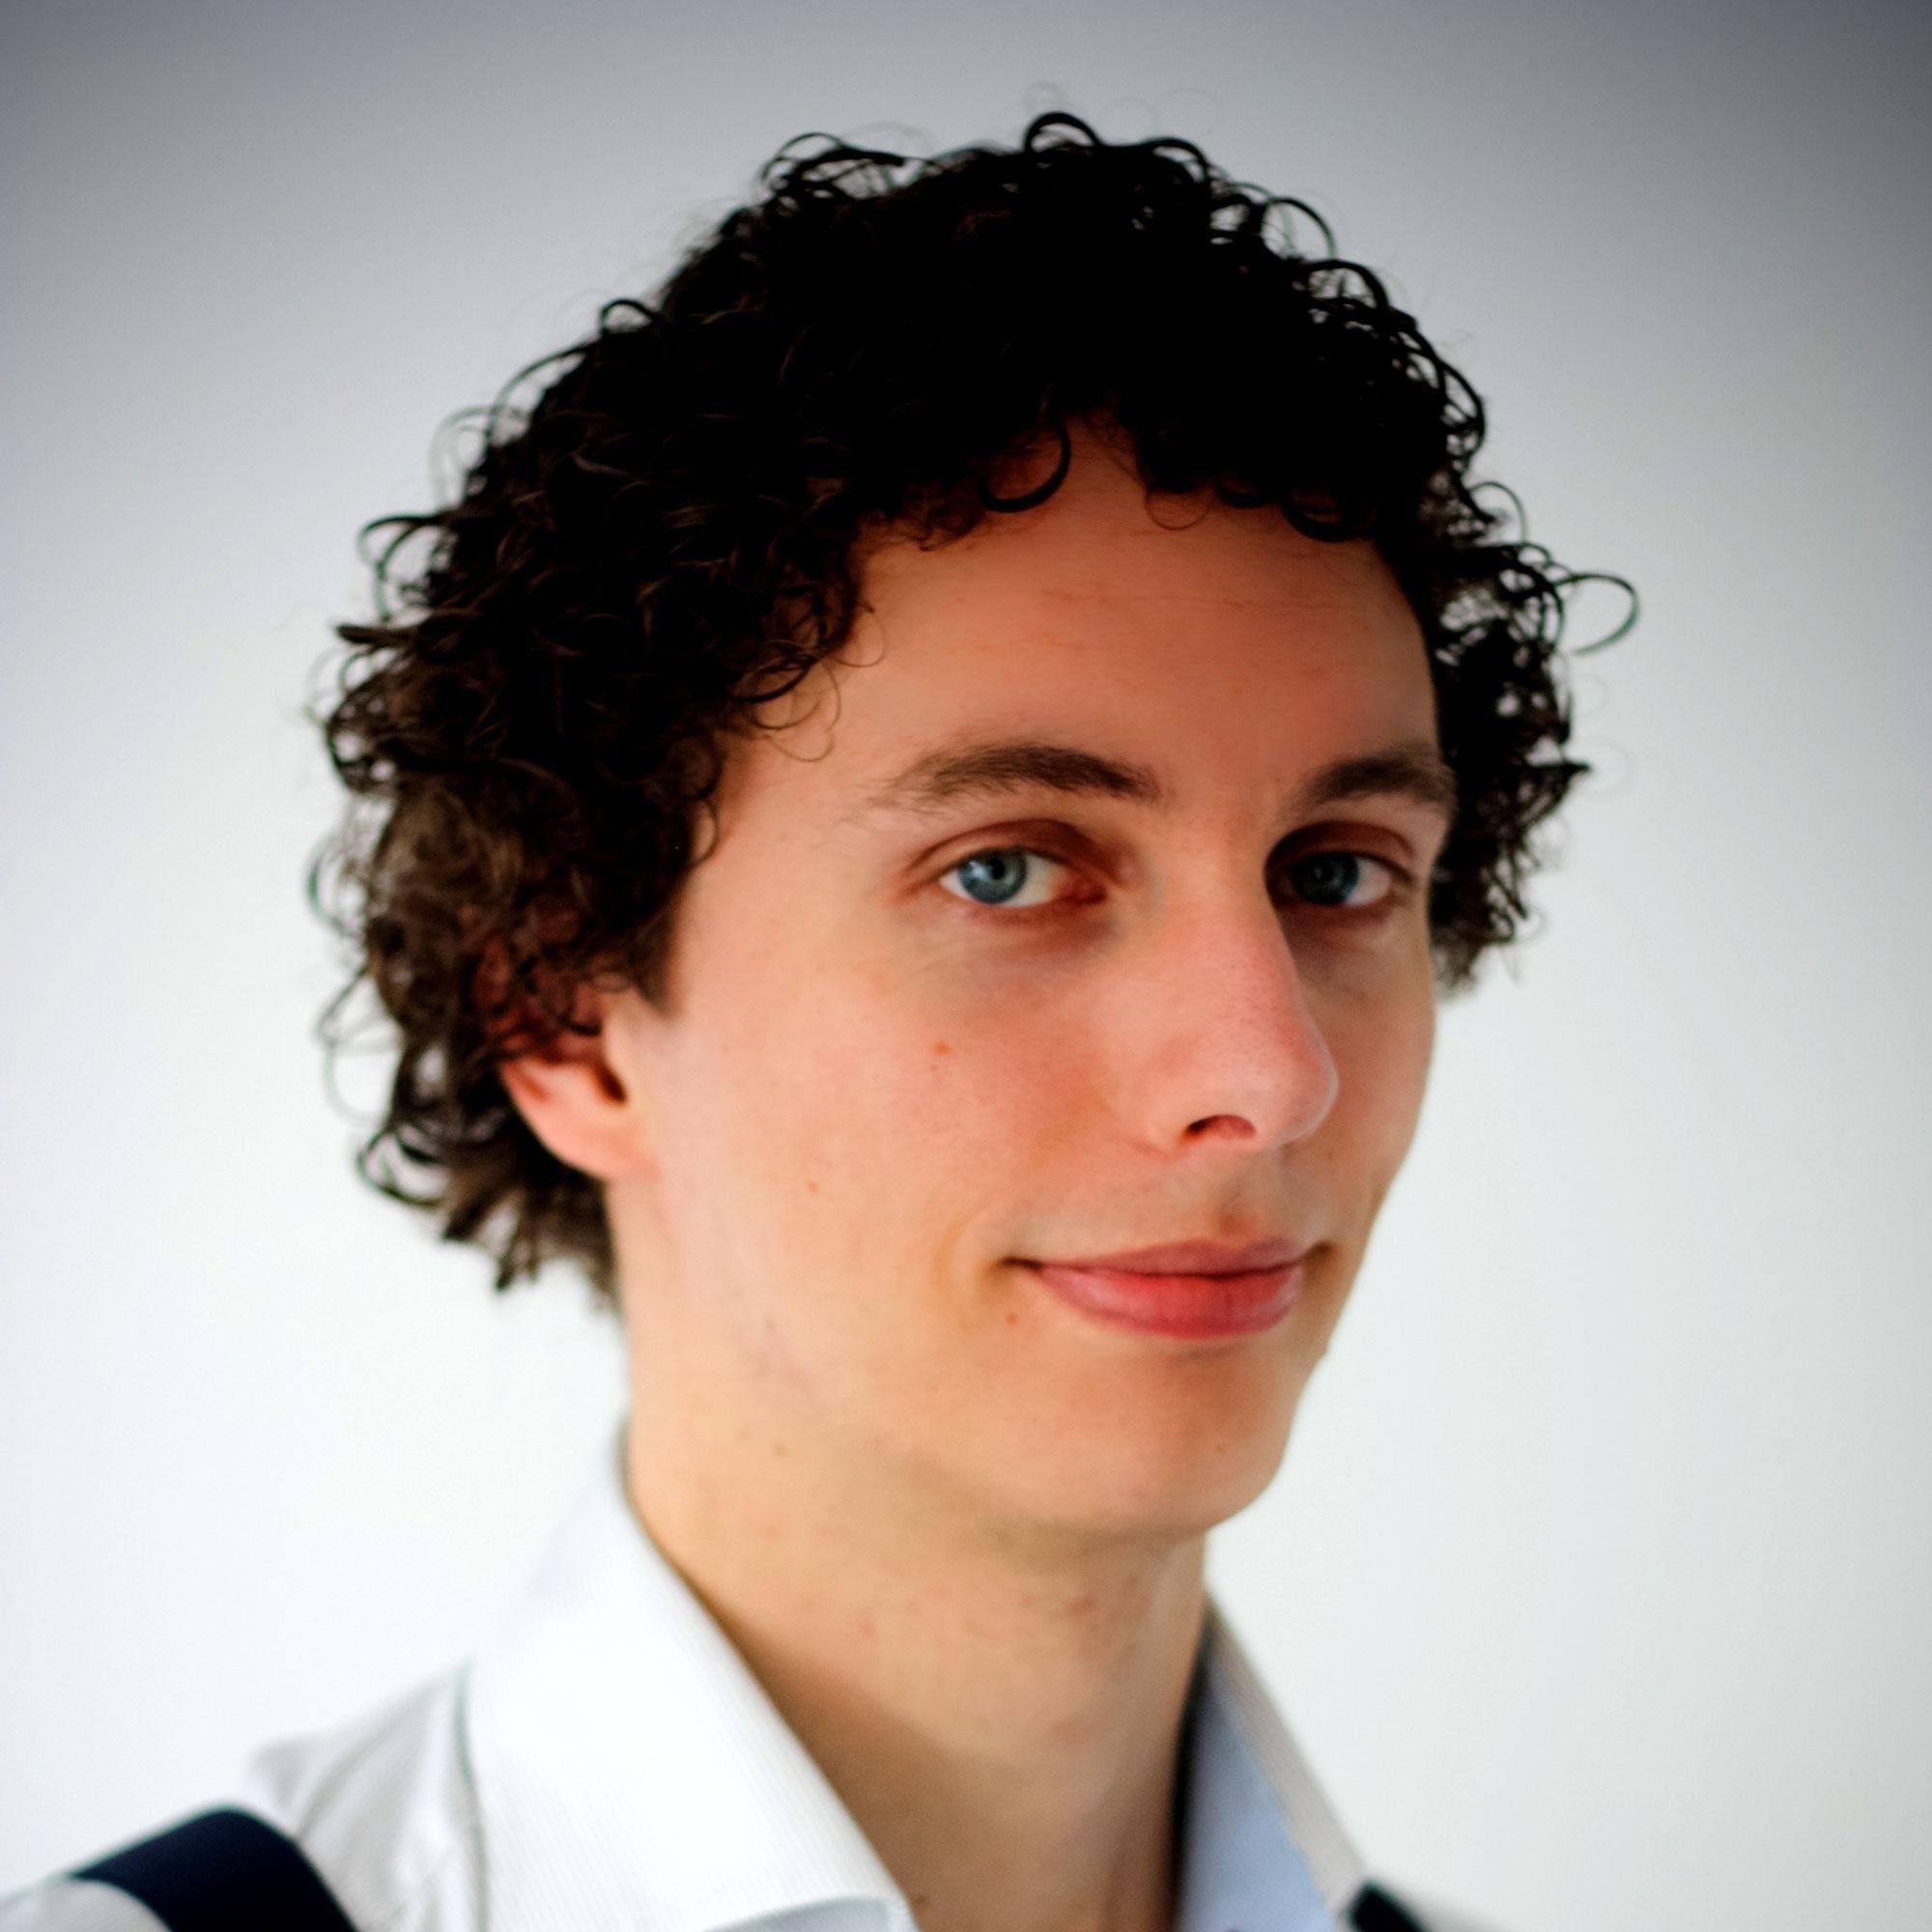 Christiaan Verwijs